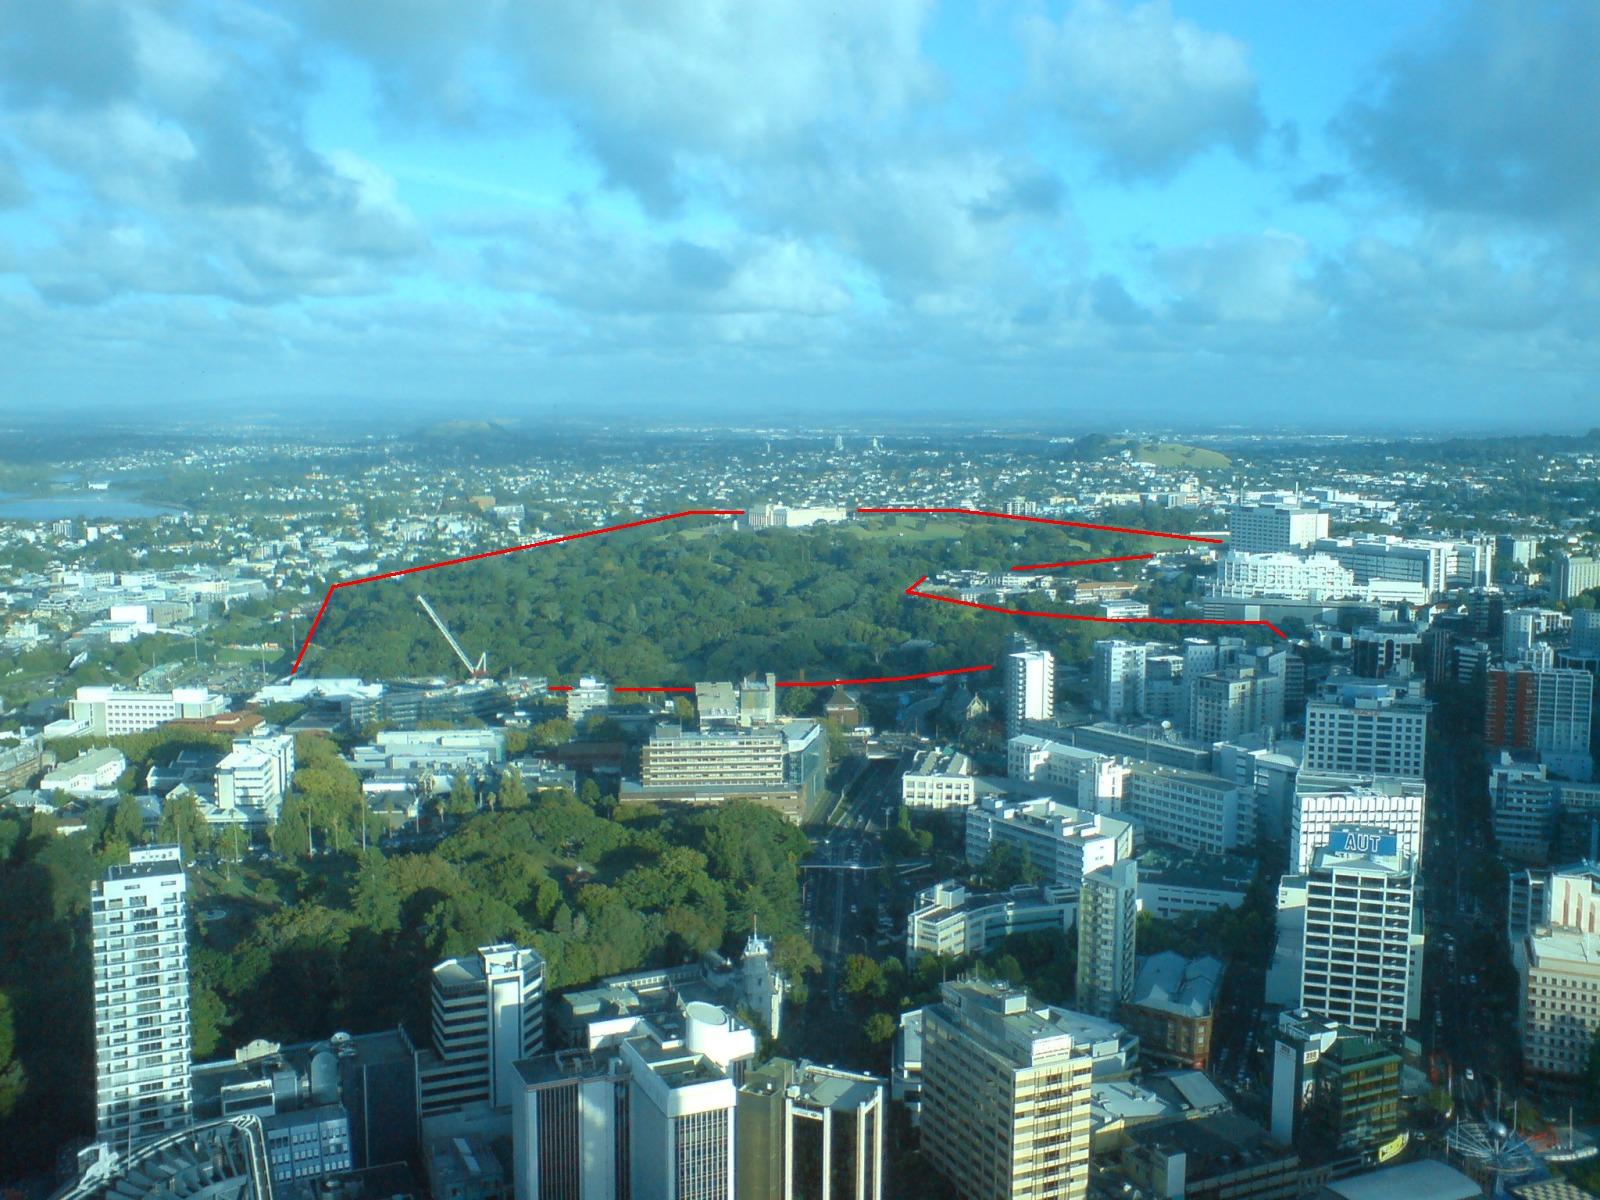 File:Auckland Skyline as seen from Devonport 100128 2.jpg